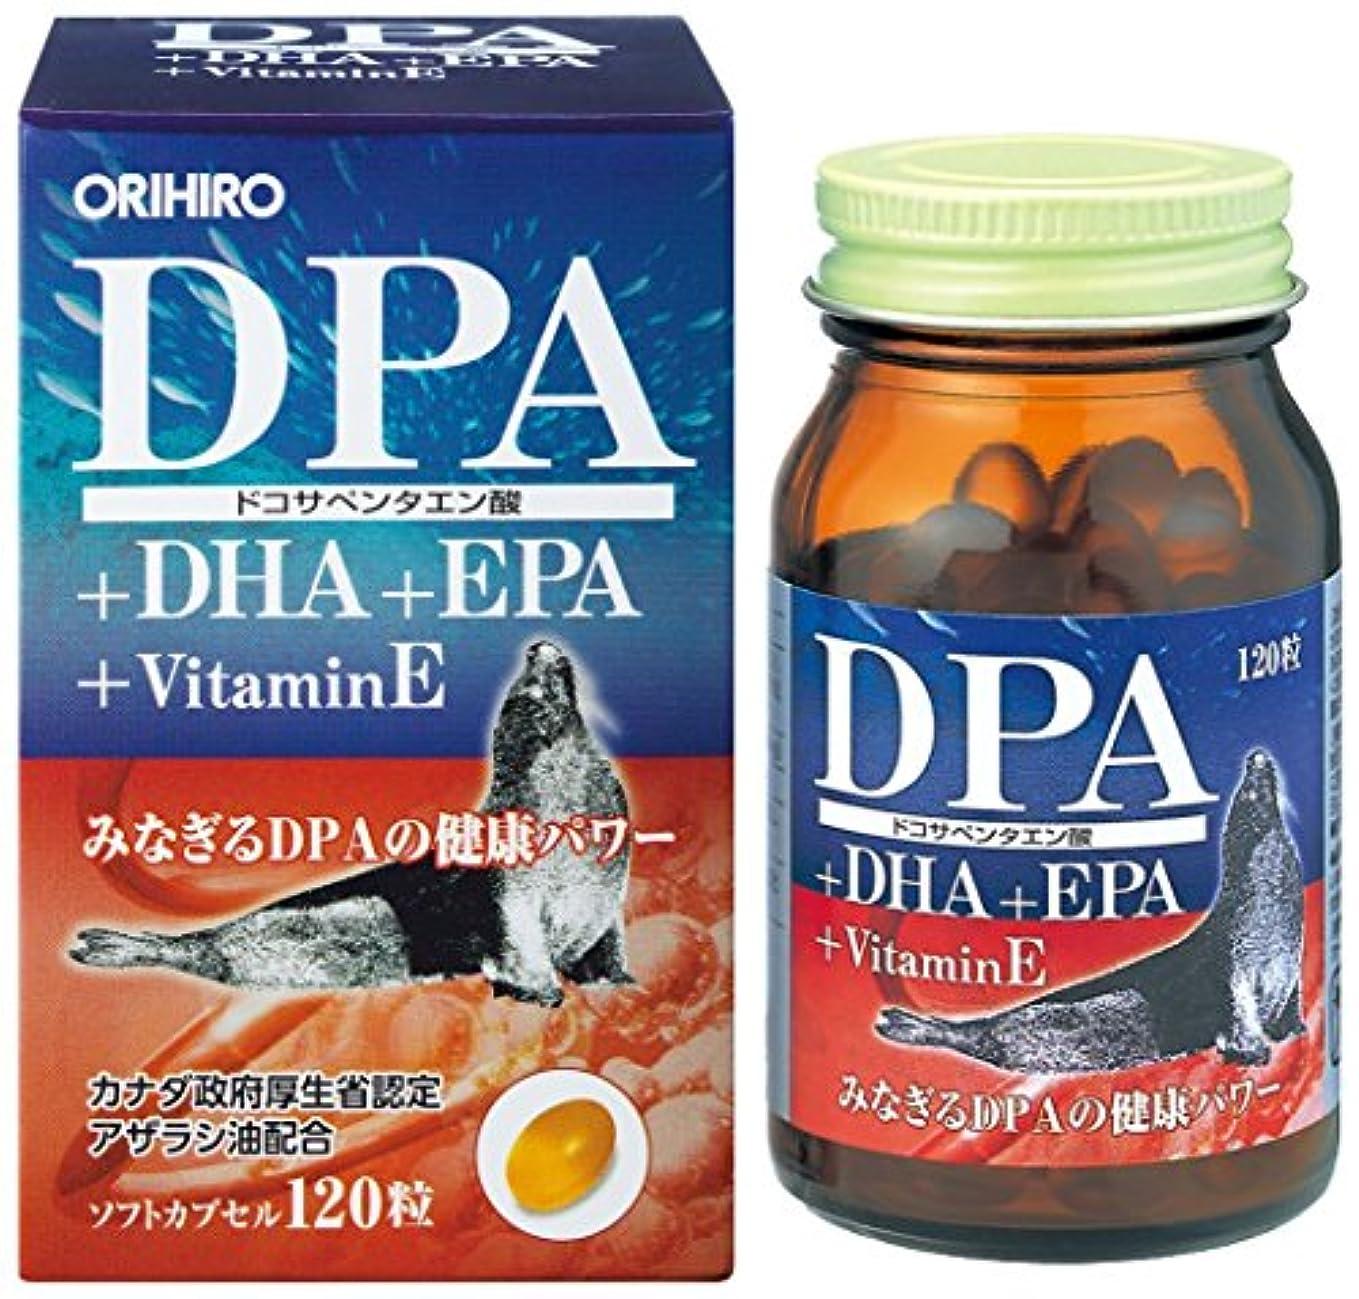 物語の前で刺すオリヒロ DPA+EPAカプセル 120粒【3本セット】